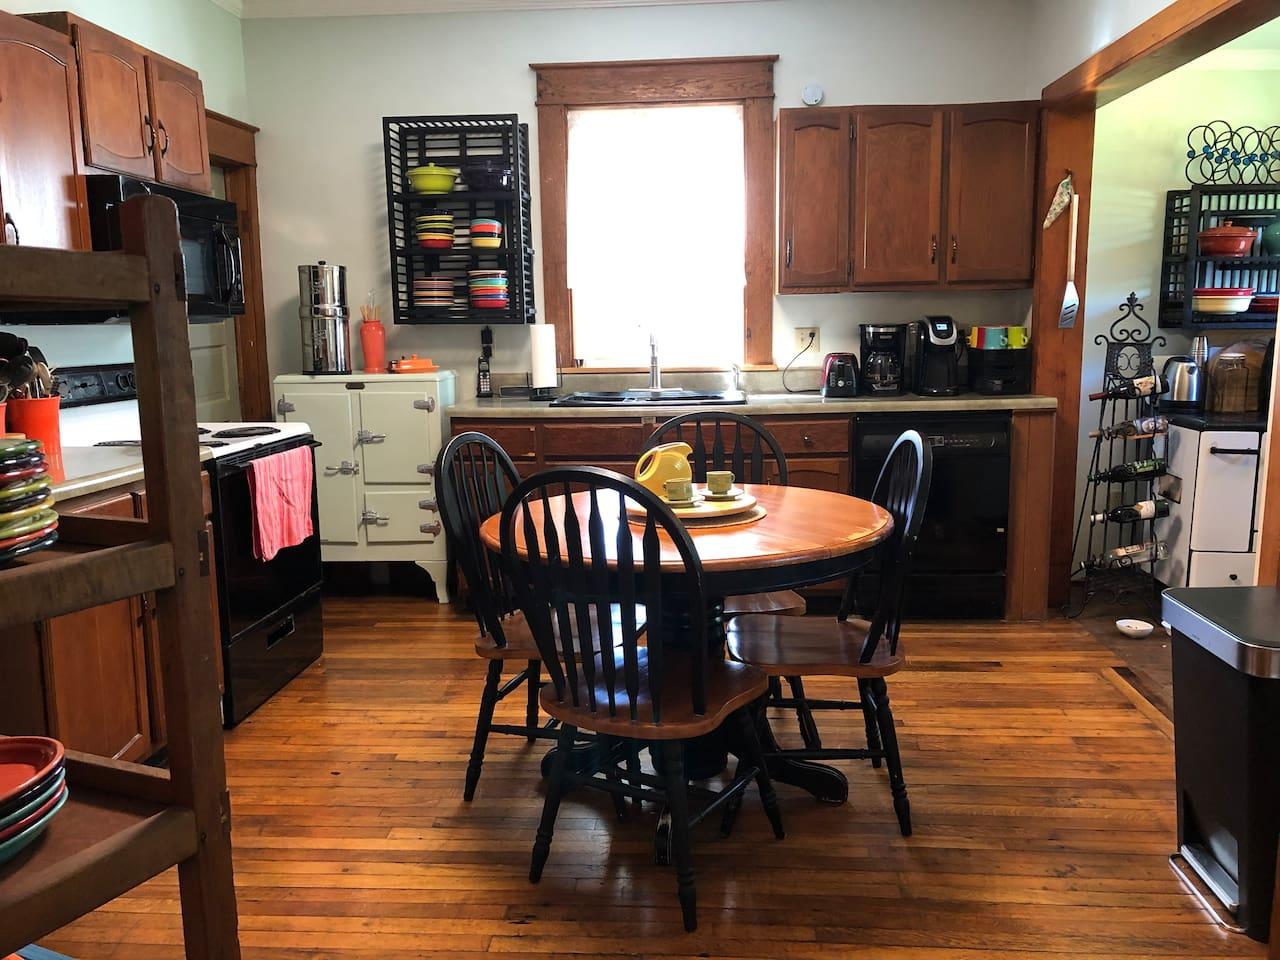 Casa de Christine~ Kitchen